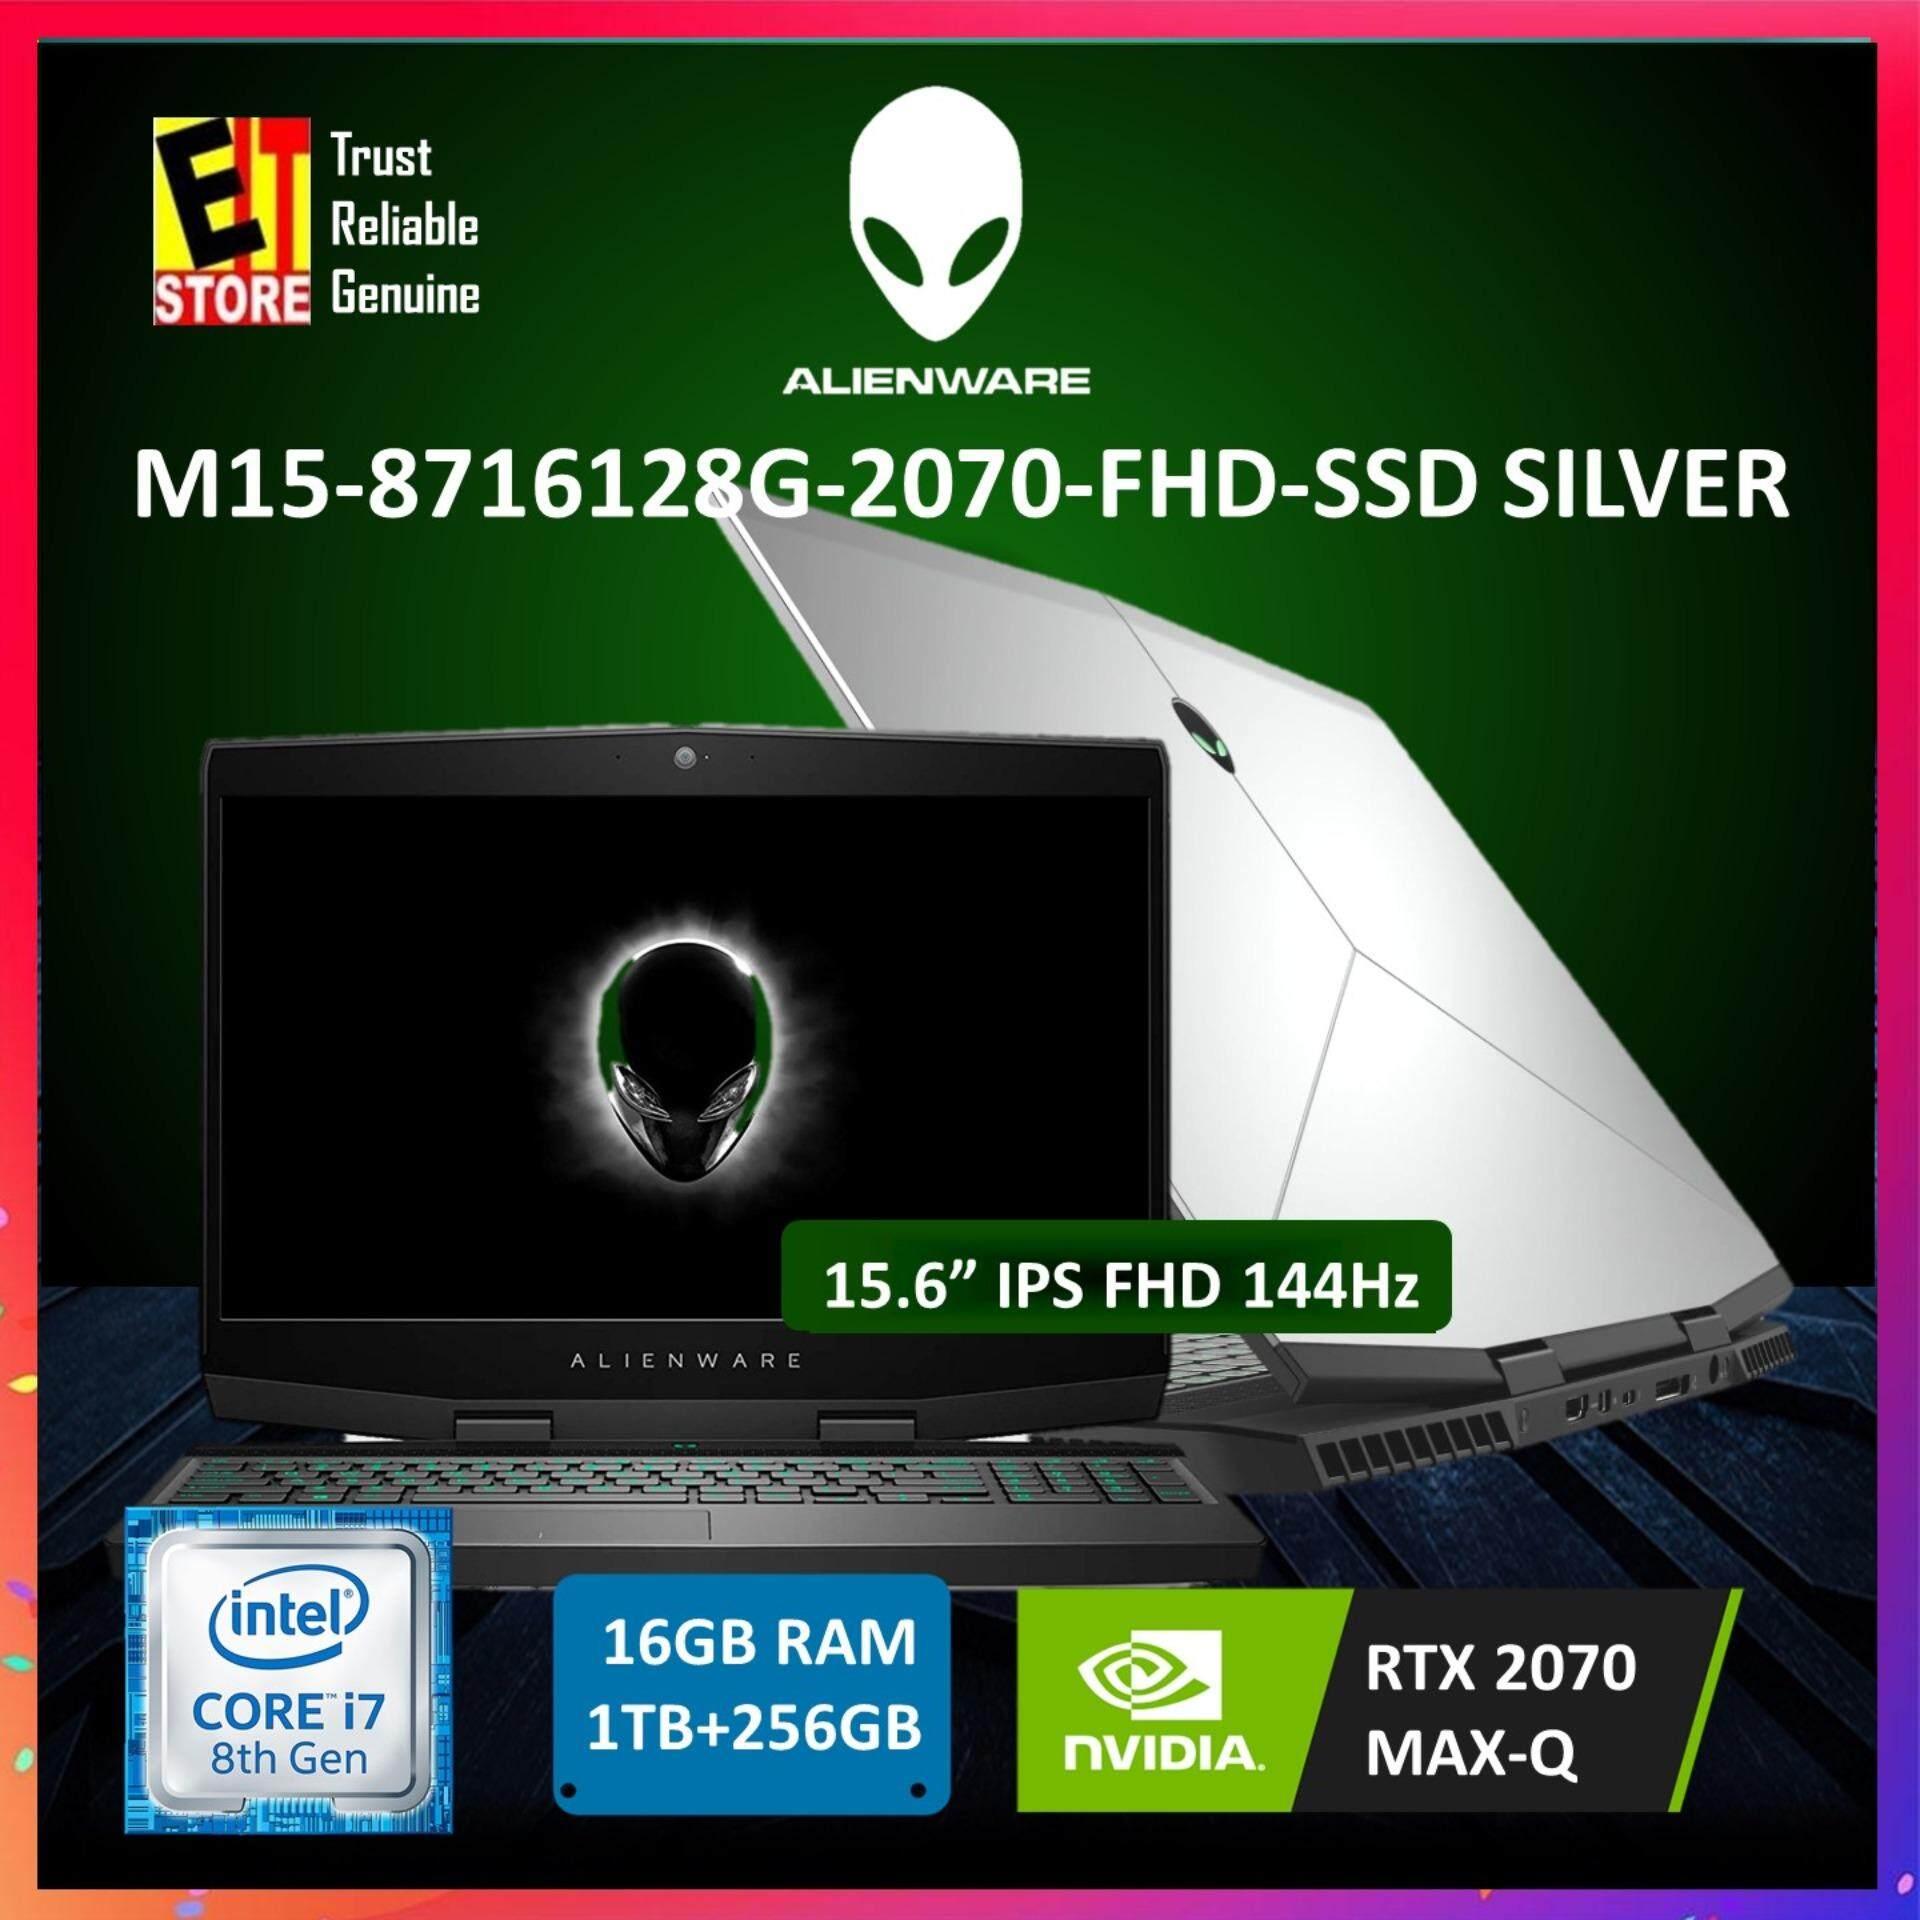 DELL ALIENWARE M15 - M15-8716128G-2070-FHD-SSD-SIL (I7-8750H/16GB/1TB+256GB/15.6/RTX2070 8GB MAX-Q/W10/1YR ONSITE) Malaysia